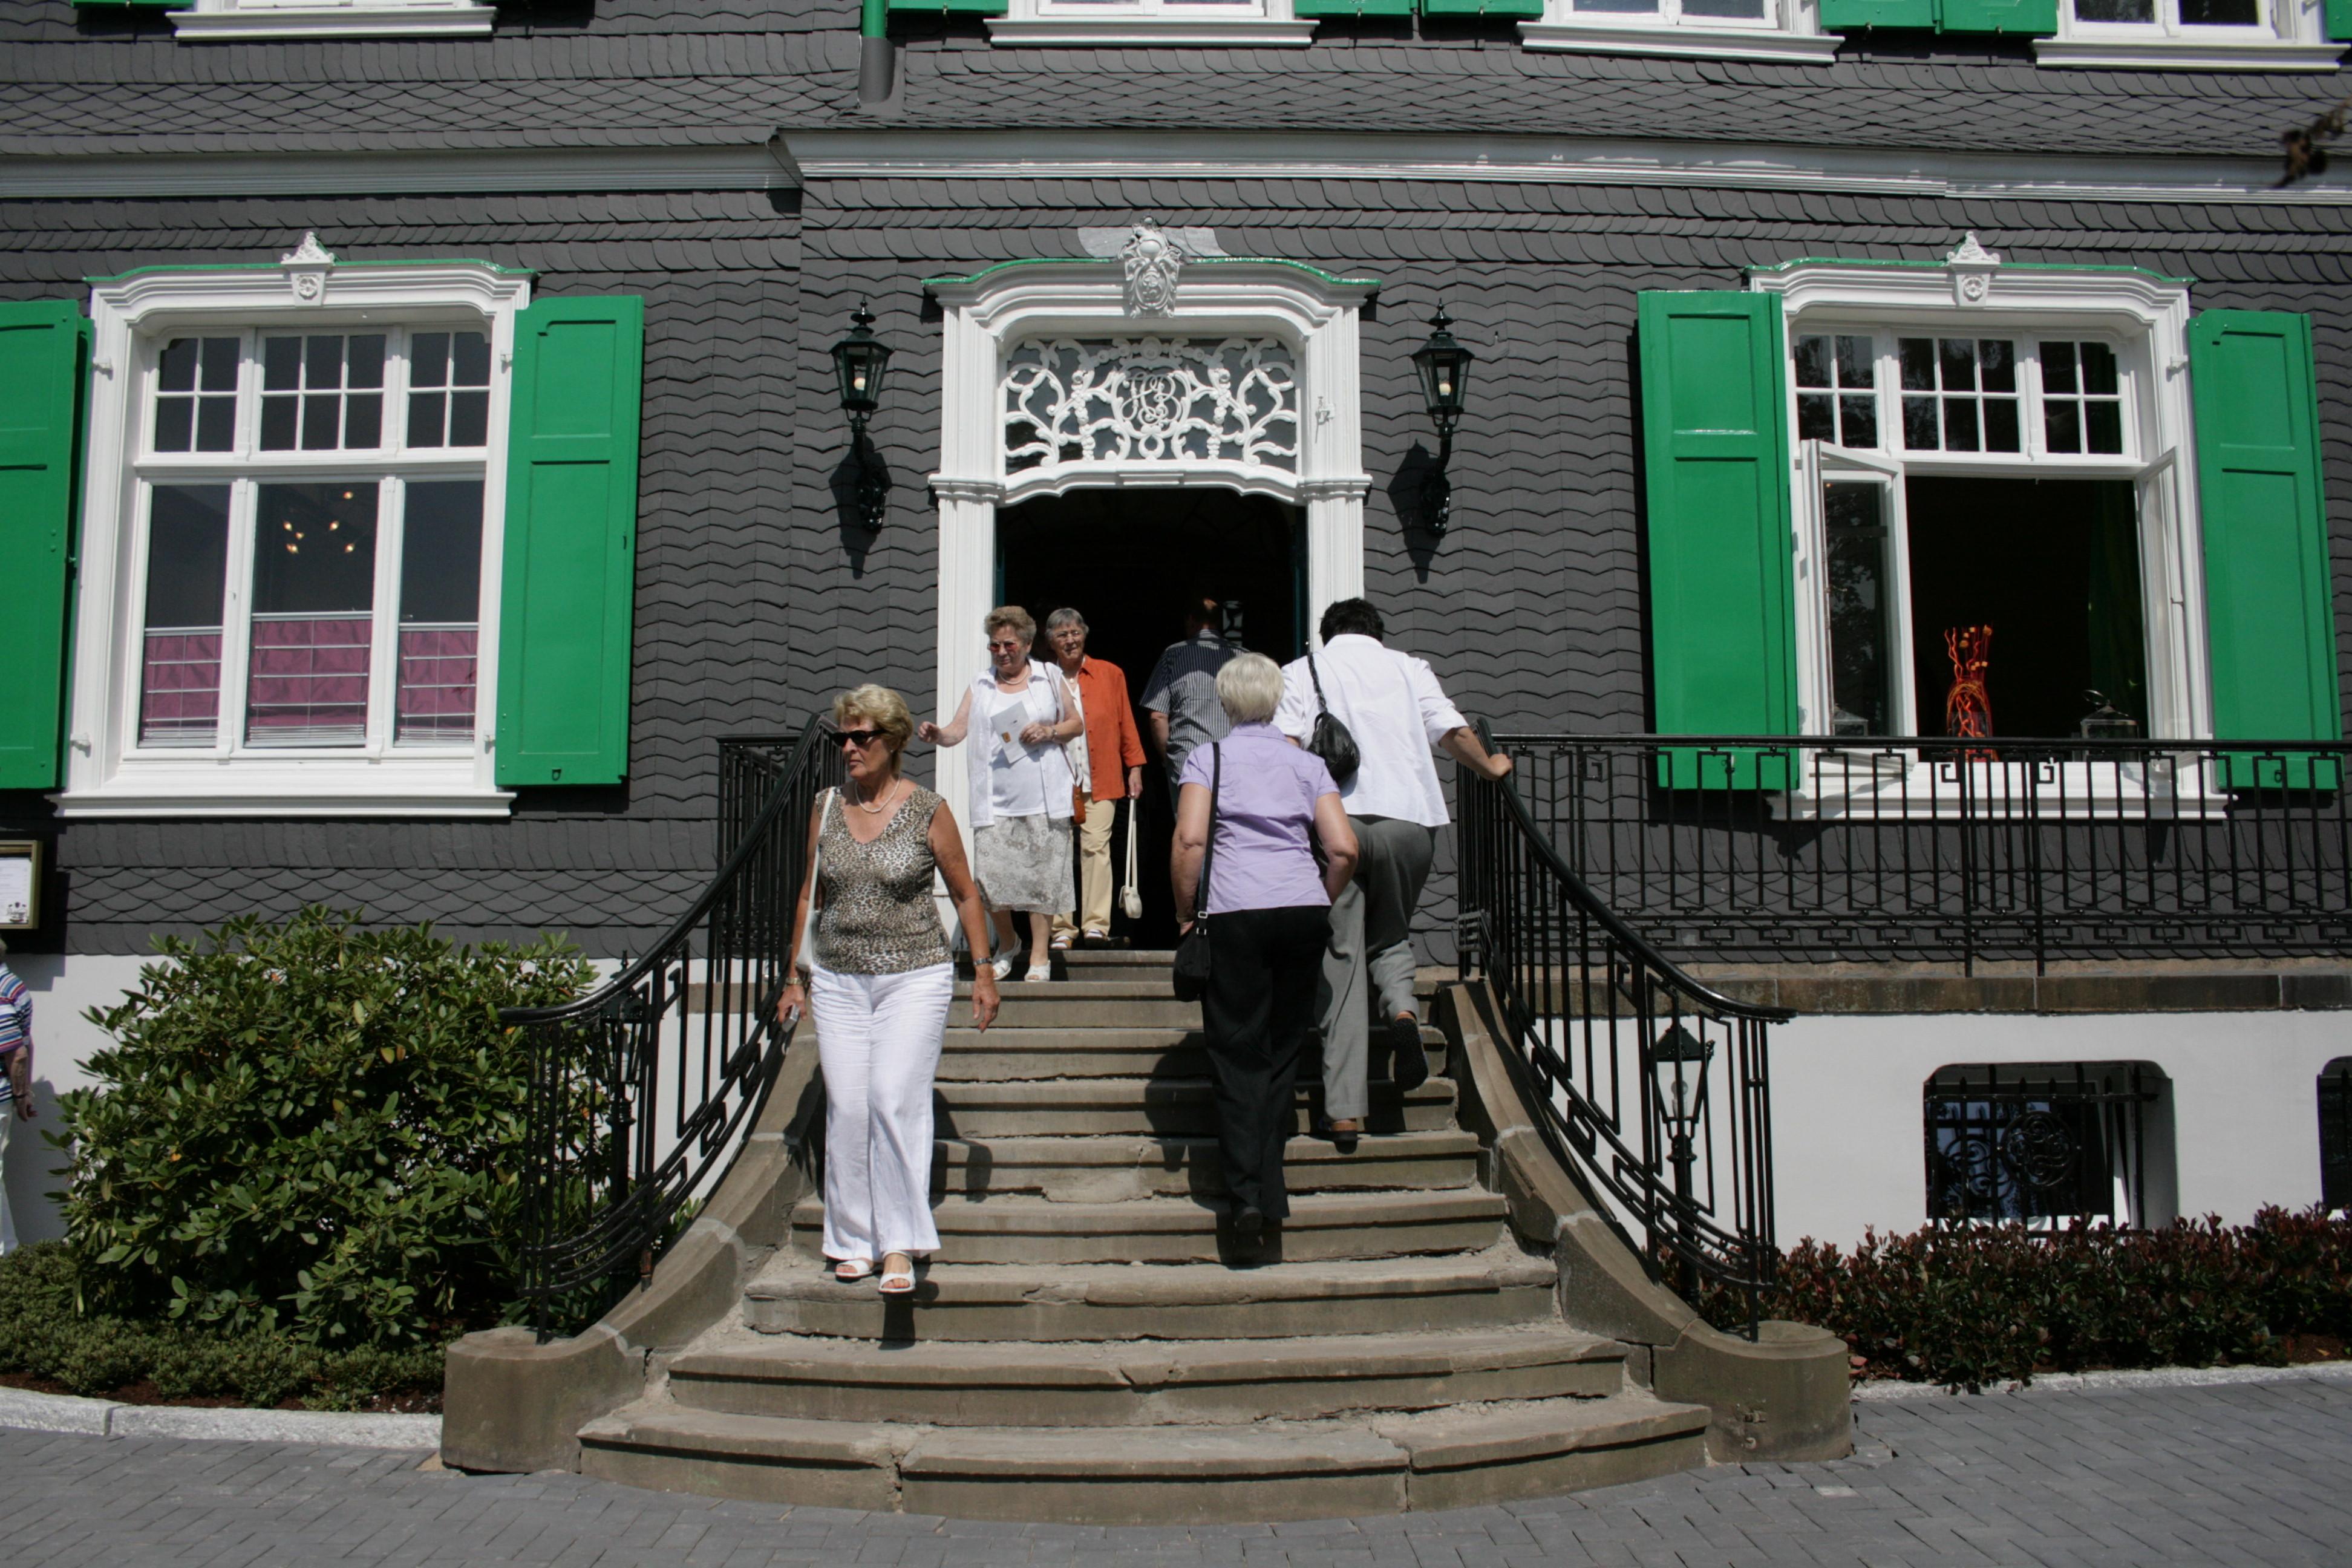 partnersuche.de bewertung Neumarkt in der Oberpfalz